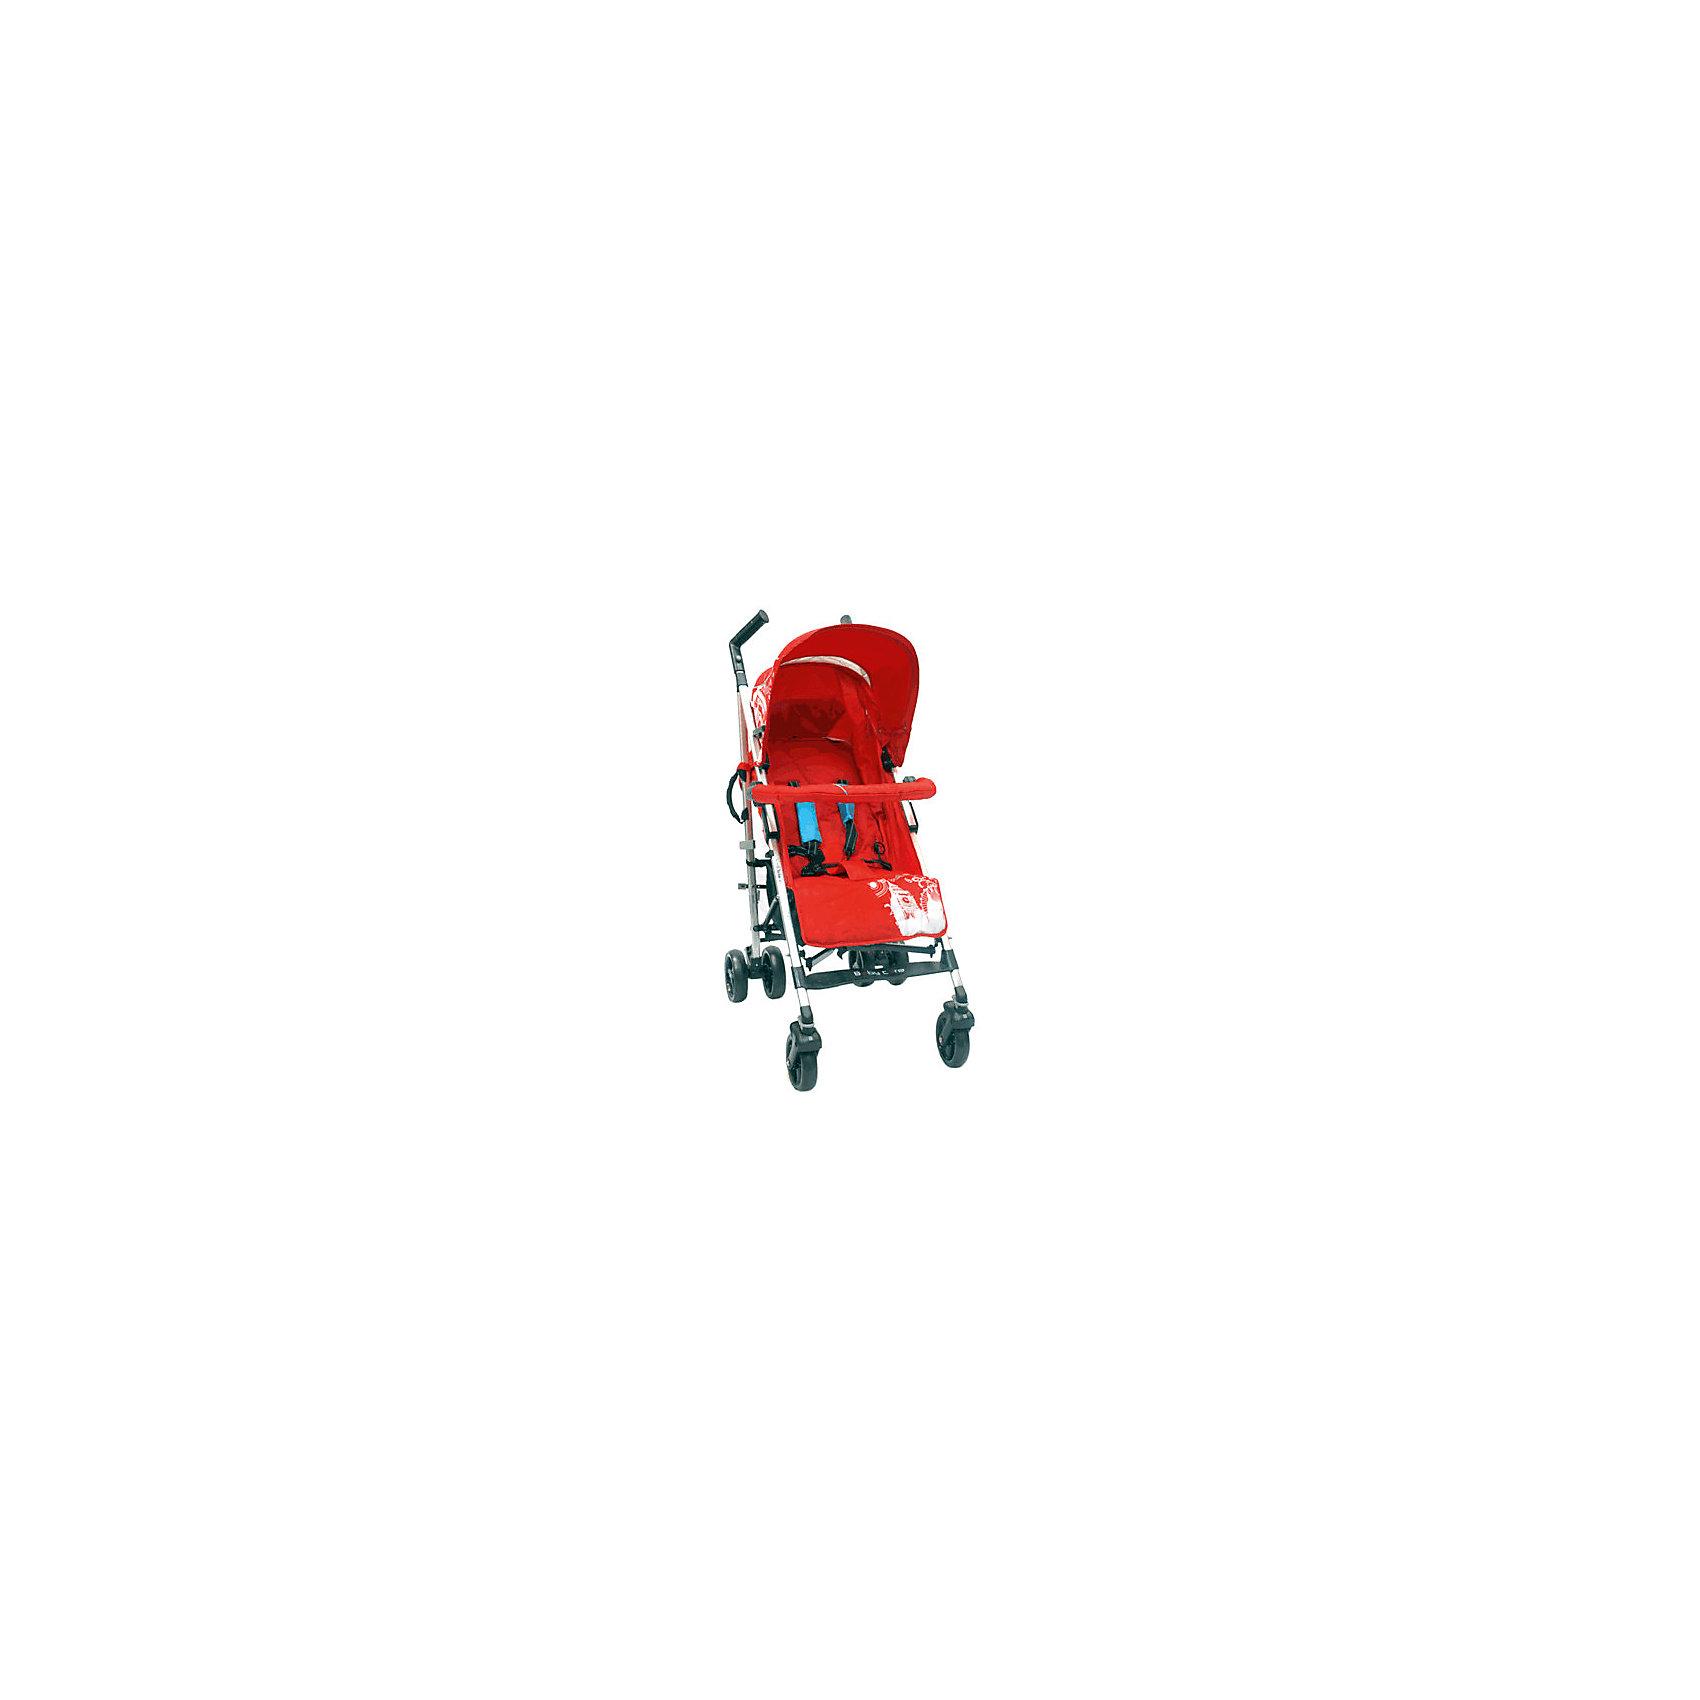 Коляска-трость Jetem London, красныйКоляски-трости<br>Jetem  London – прекрасный вариант для прогулок и путешествий! Прочная функциональная коляска трость - идеальный выбор для тех, кто не любит рисковать. Коляска оснащена системой амортизации для плавного хода. Передние одинарные поворотные колеса с фиксаторами; задние - сдвоенные , с тормозами - придают  коляске особую маневренность и  проходимость на разных участках дороги. Мягкий матрасик, широкое спальное место, капюшон, опускающийся до бампера, обеспечат вашему ребенку максимальный комфорт во время прогулок. А 5-титочечные ремни и съемный бампер с ограничителем для ножек - безопасность крохи. Коляска легко складывается, занимает мало места при транспортировке и хранении, имеет удобные эргономичные ручки с регулировкой по высоте и вместительную корзину для покупок.<br><br>Дополнительная информация:<br><br>- Комплектация: коляска, чехол на ножки.<br>- Материал: металл, пластик, текстиль.<br>- Размер: 48х85х100 см.<br>- Размер в сложенном виде: 30х28х100см.<br>- Ширина колесной базы: 48 см.<br>- Размер сиденья: 34 см.<br>- Размер спального места: 34х82 см.<br>- Вес: 7,8 кг.<br>- Количество колес: 4 ( задние - сдвоенные).<br>- Диаметр колес: 15 см.<br>- Цвет: красный.<br>- Передние колеса поворотные, с возможностью блокировки.<br>- Система амортизации.<br>- Стояночный тормоз.<br>- 5-ти точечные ремни безопасности.<br>- Разъемный бампер, разделить для ног.<br>- Регулировка спинки  (максимальный наклон 170 градусов).<br>- Солнцезащитный козырек.<br>- Эргономичные ручки<br>- Вместительная корзина для покупок.<br>- Ручка для переноски коляски в сложенном состоянии.<br>- Максимальный вес ребенка: до 18 кг.<br><br>Коляску-трость London, Jetem (Жетем), красную, можно купить в нашем магазине.<br><br>Ширина мм: 1000<br>Глубина мм: 200<br>Высота мм: 300<br>Вес г: 9000<br>Возраст от месяцев: 6<br>Возраст до месяцев: 36<br>Пол: Унисекс<br>Возраст: Детский<br>SKU: 3995787